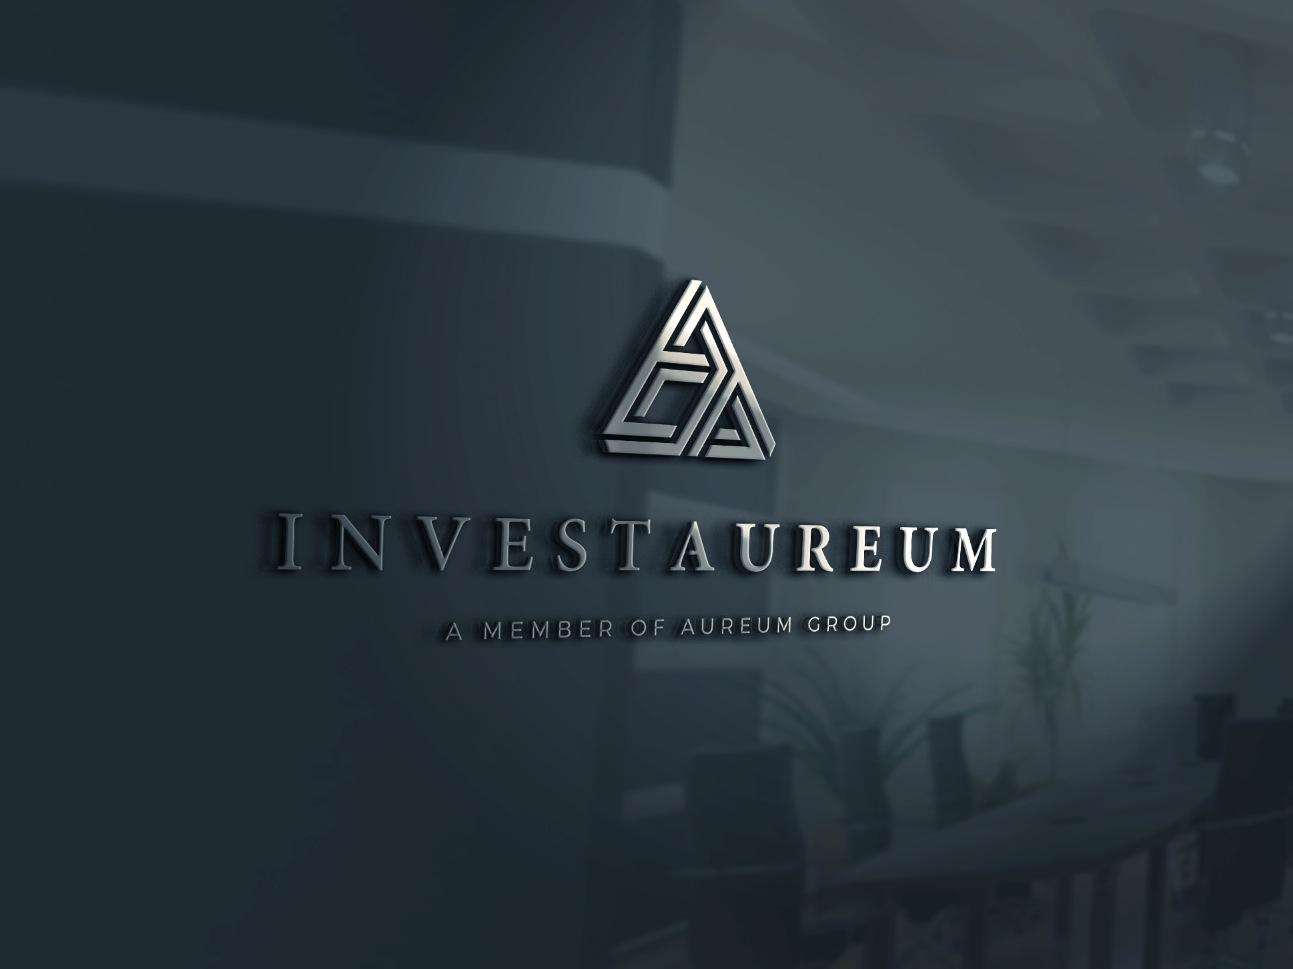 identidade_marca_invest_aureum